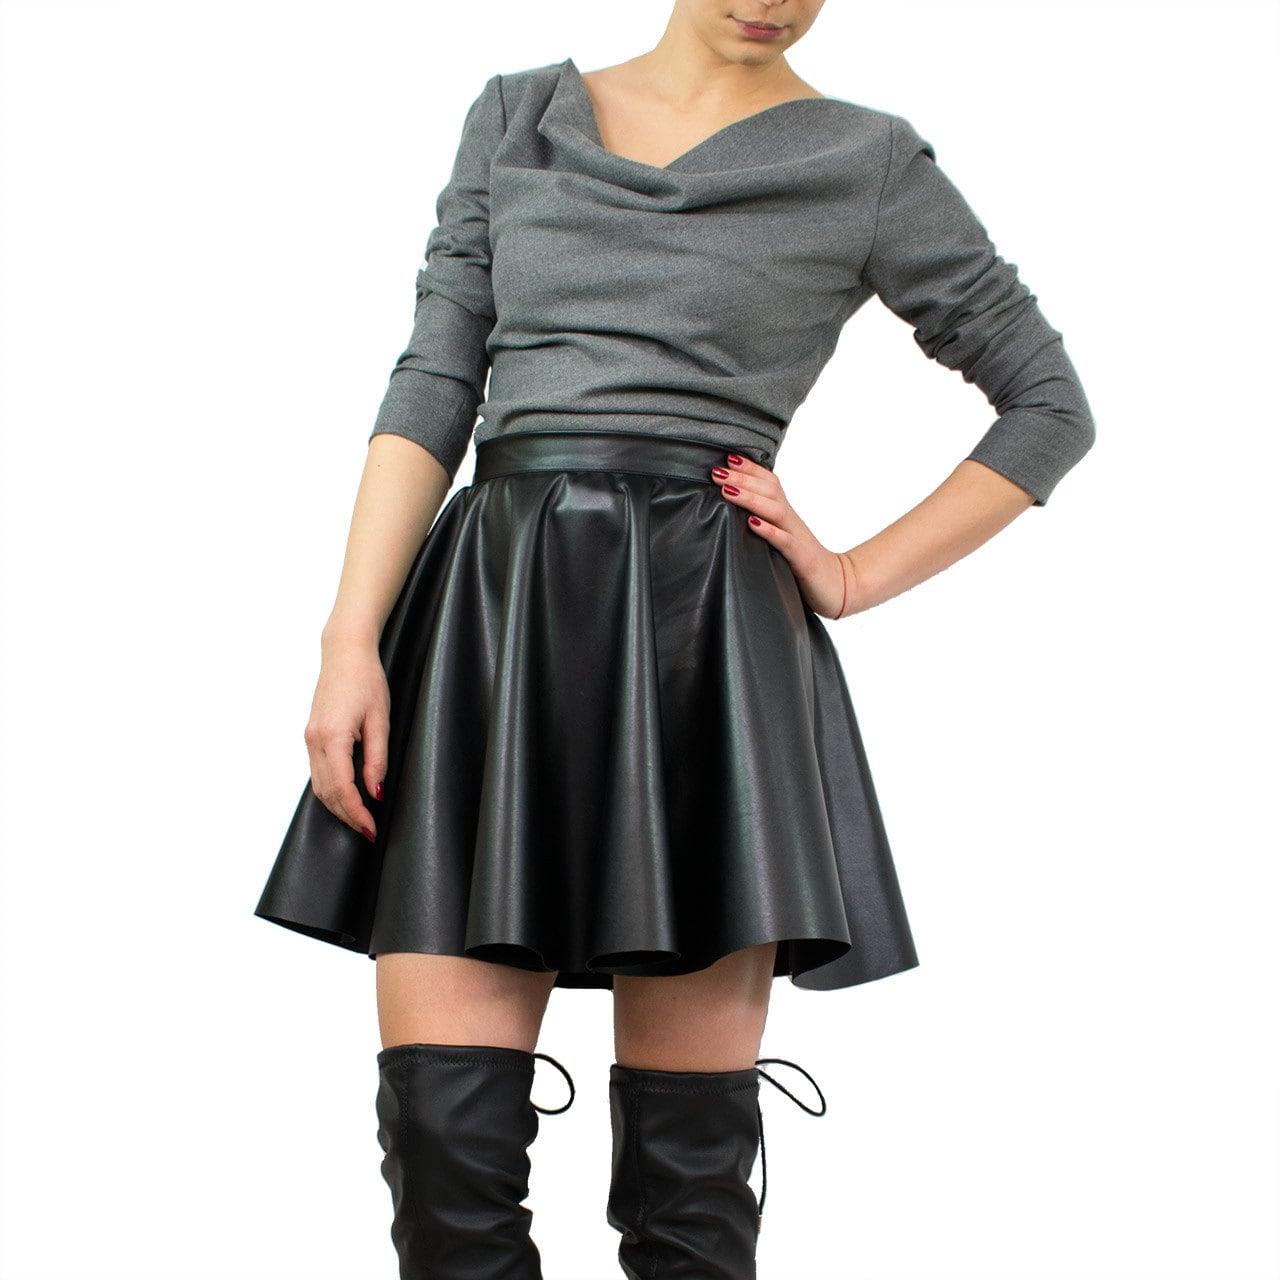 Leather mini skirt/ Short circle skirt/ Black leather skirt/